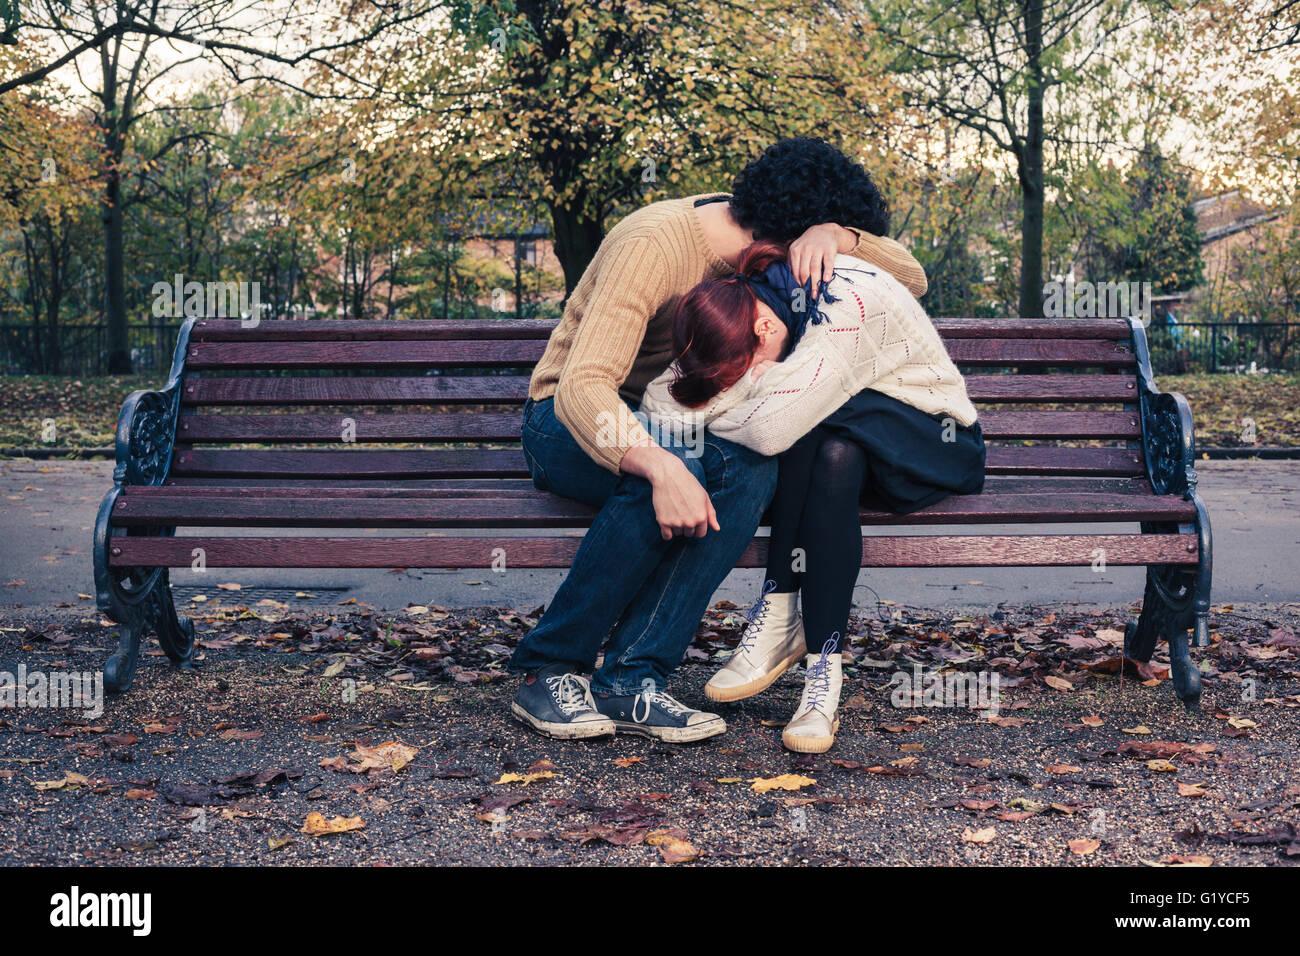 Un triste coppia giovane è avvolgente su una panchina nel parco in autunno Immagini Stock